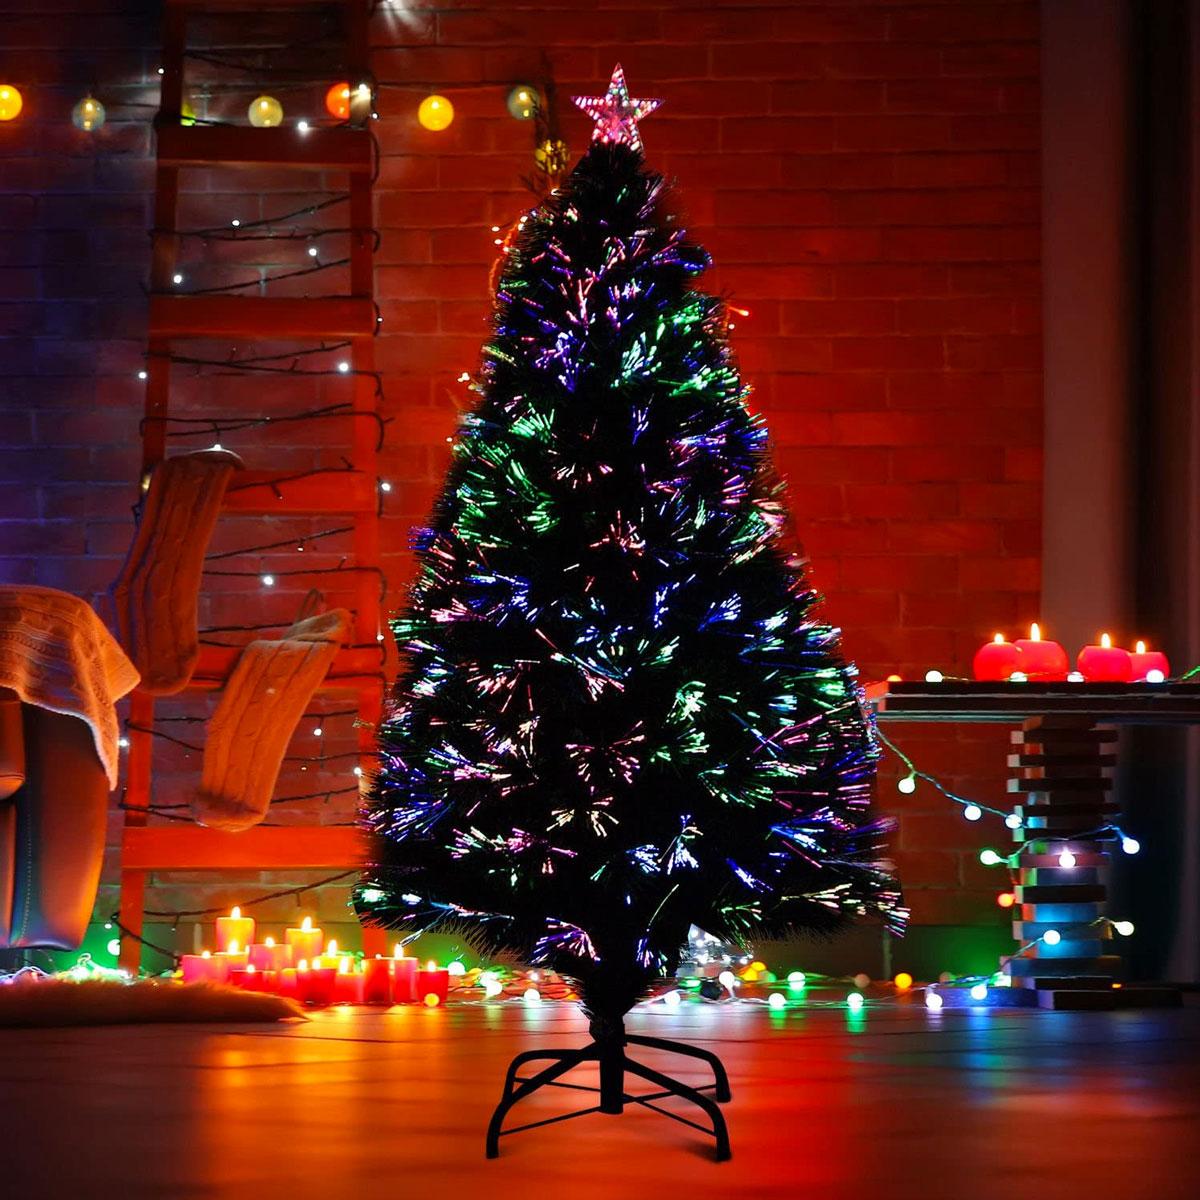 alberi di Natale con luci incorporate